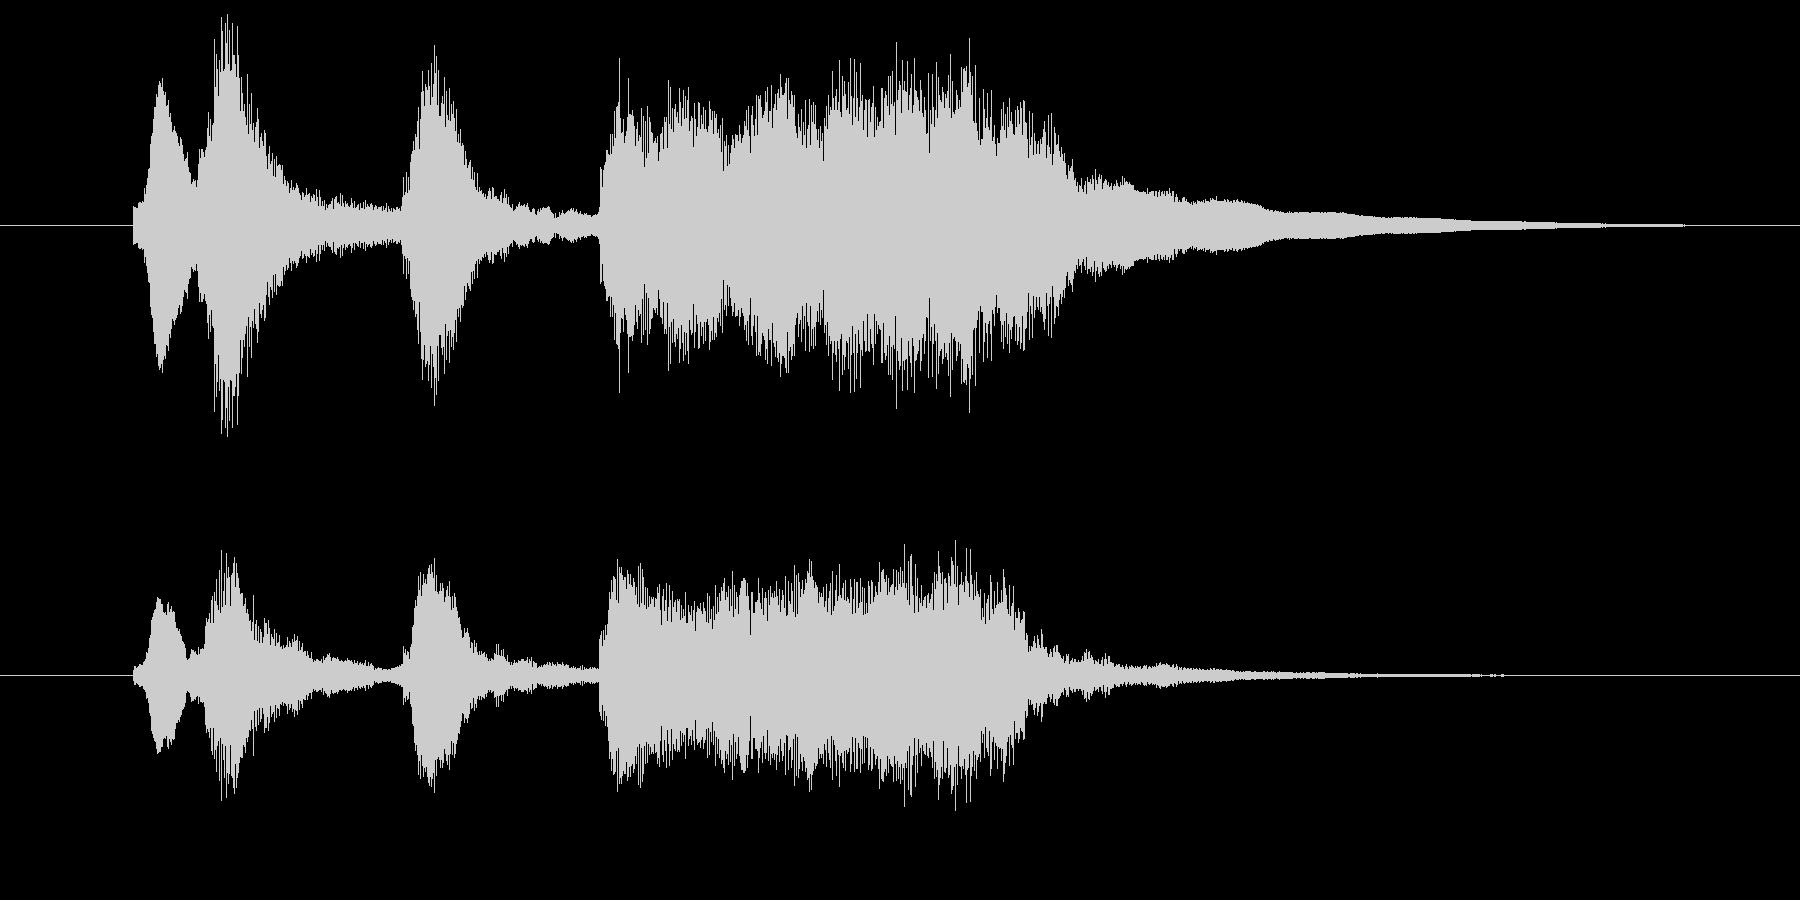 軽いオーケストラ風の喜びジングル1の未再生の波形